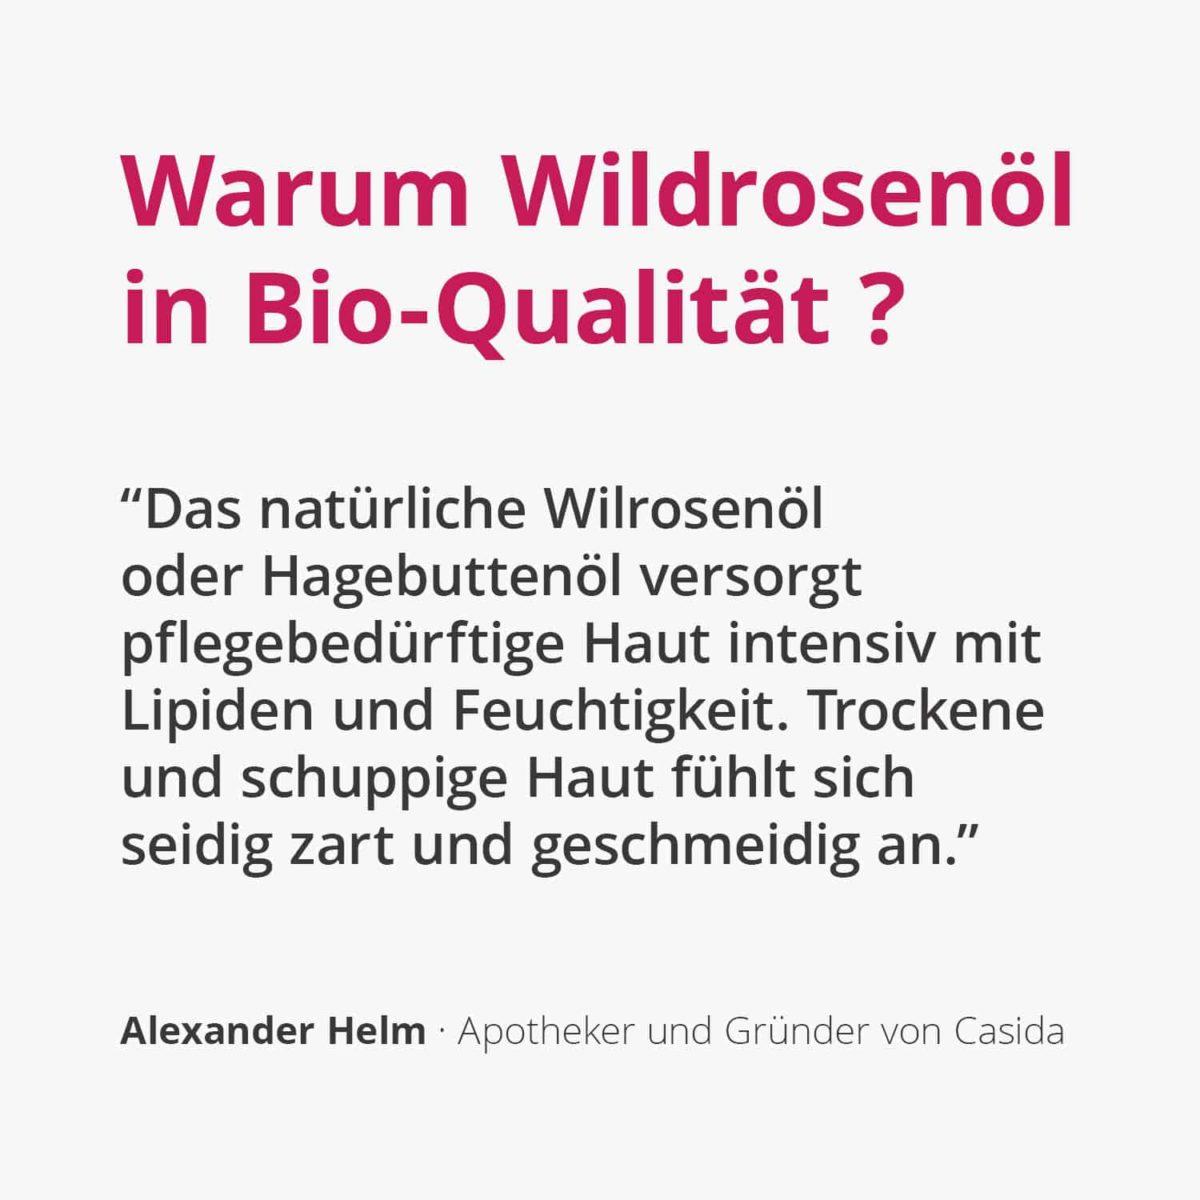 Casida Wildrosenöl Hagebuttenöl – 50 ml 16812378 PZN Apotheke Anti-Aging Massage trockene Haut pflegen Bioqualität2